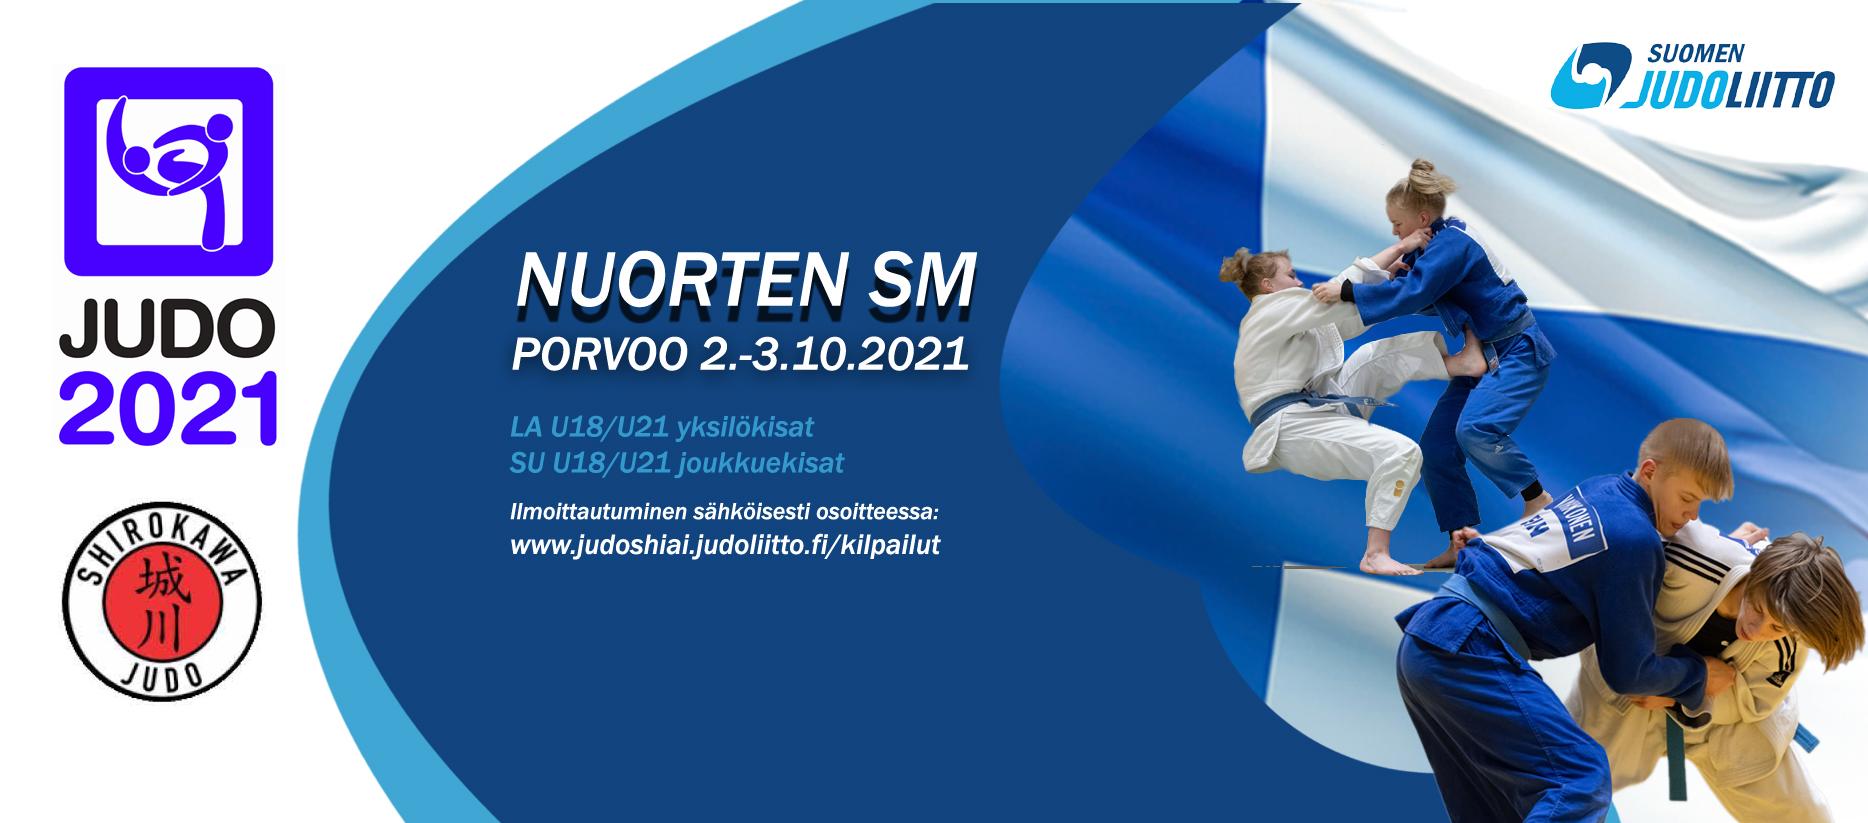 Judon Nuorten SM-kilpailut 2021